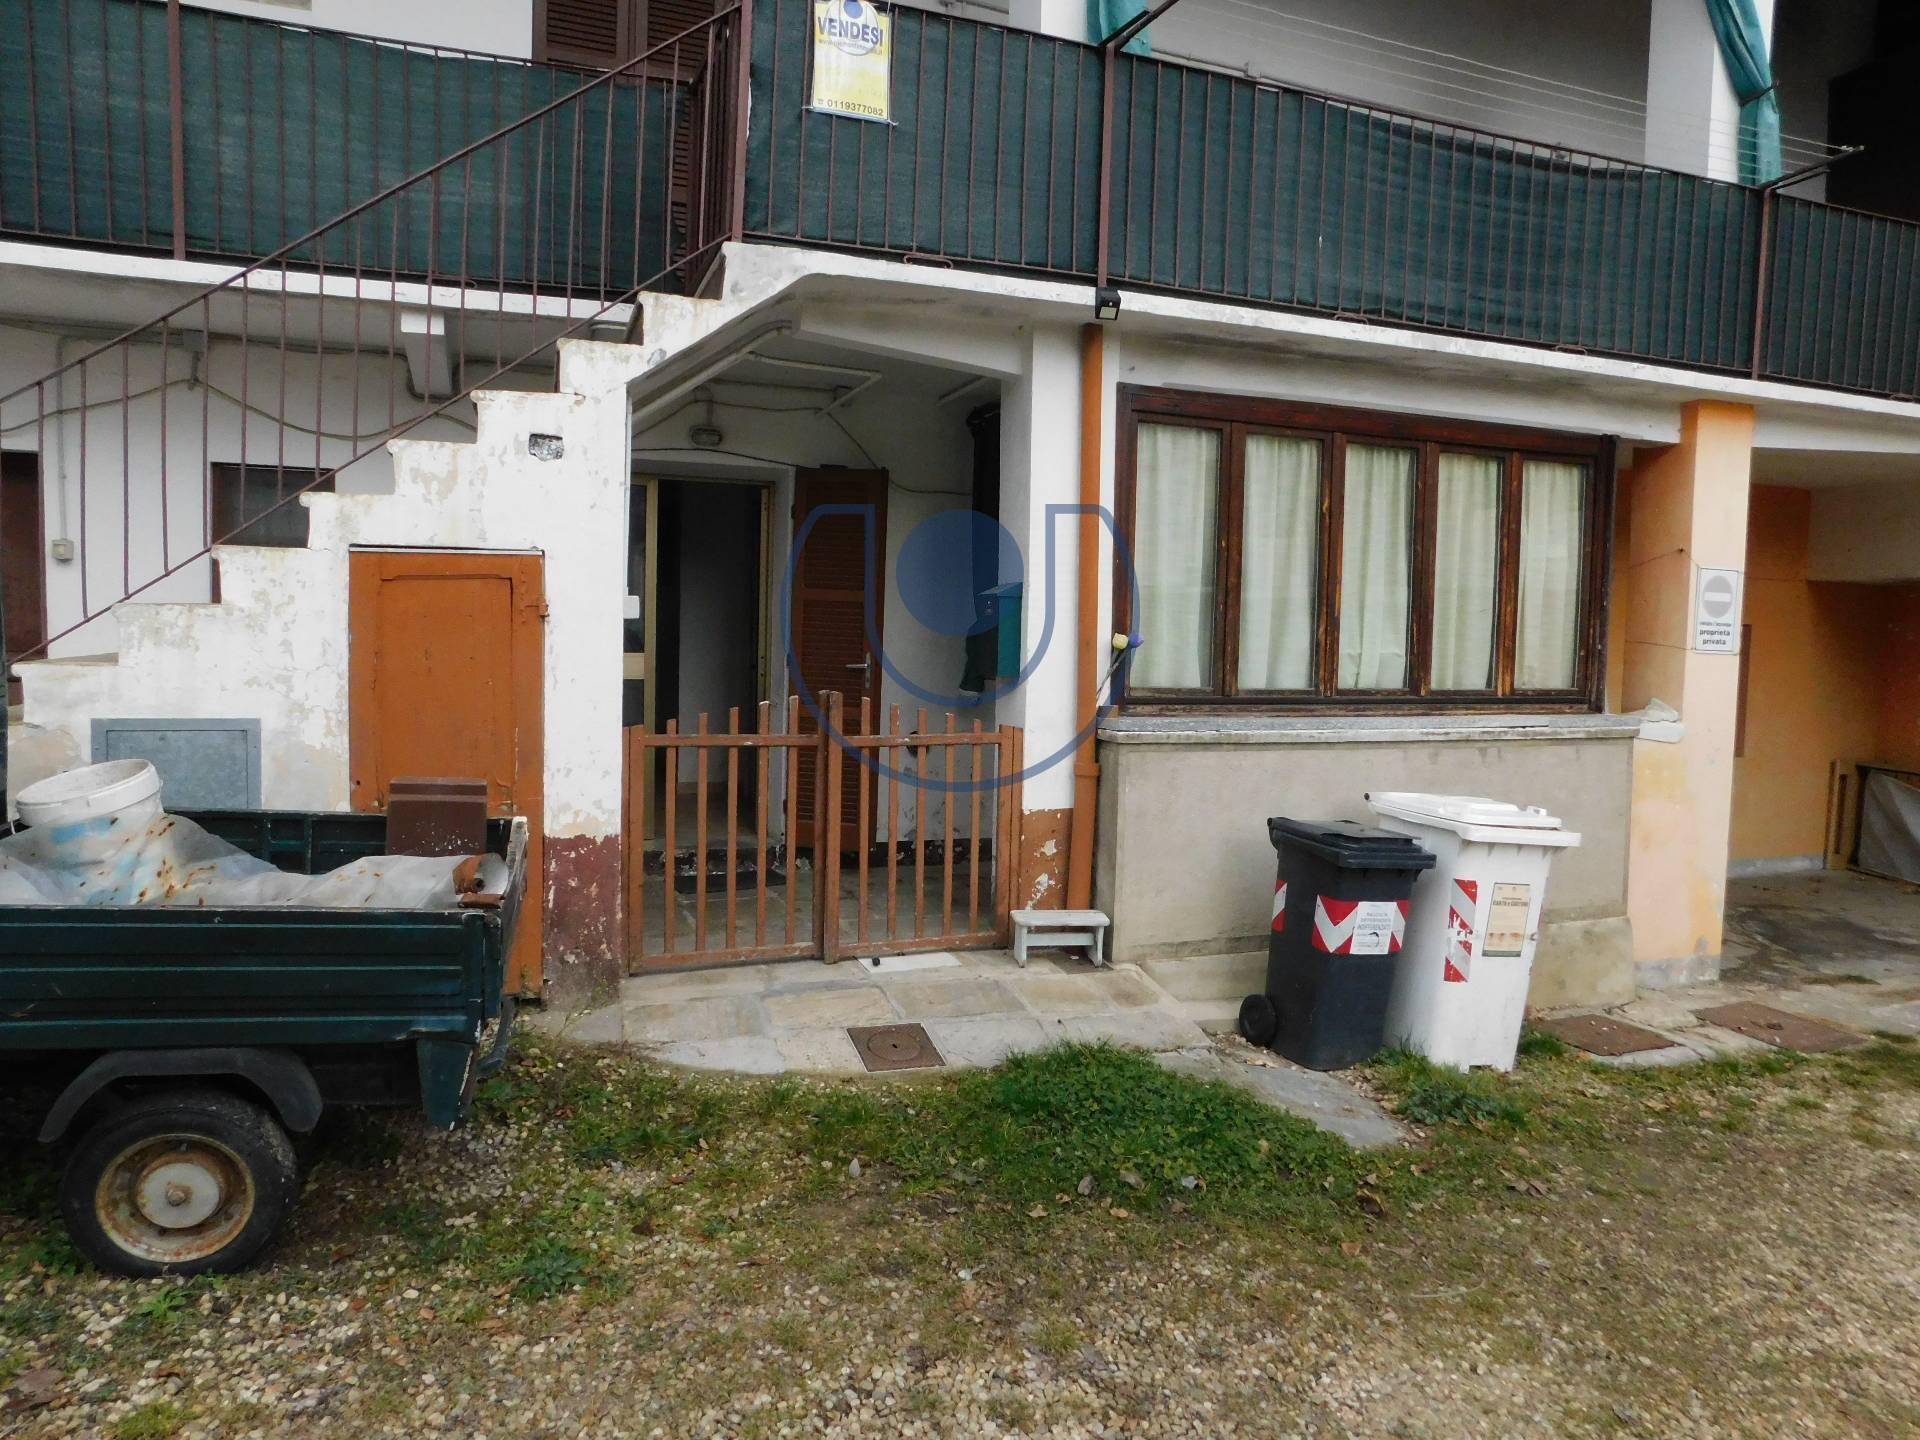 Appartamento in vendita a Giaveno, 3 locali, zona Località: B.taSelvaggio, prezzo € 32.000 | PortaleAgenzieImmobiliari.it